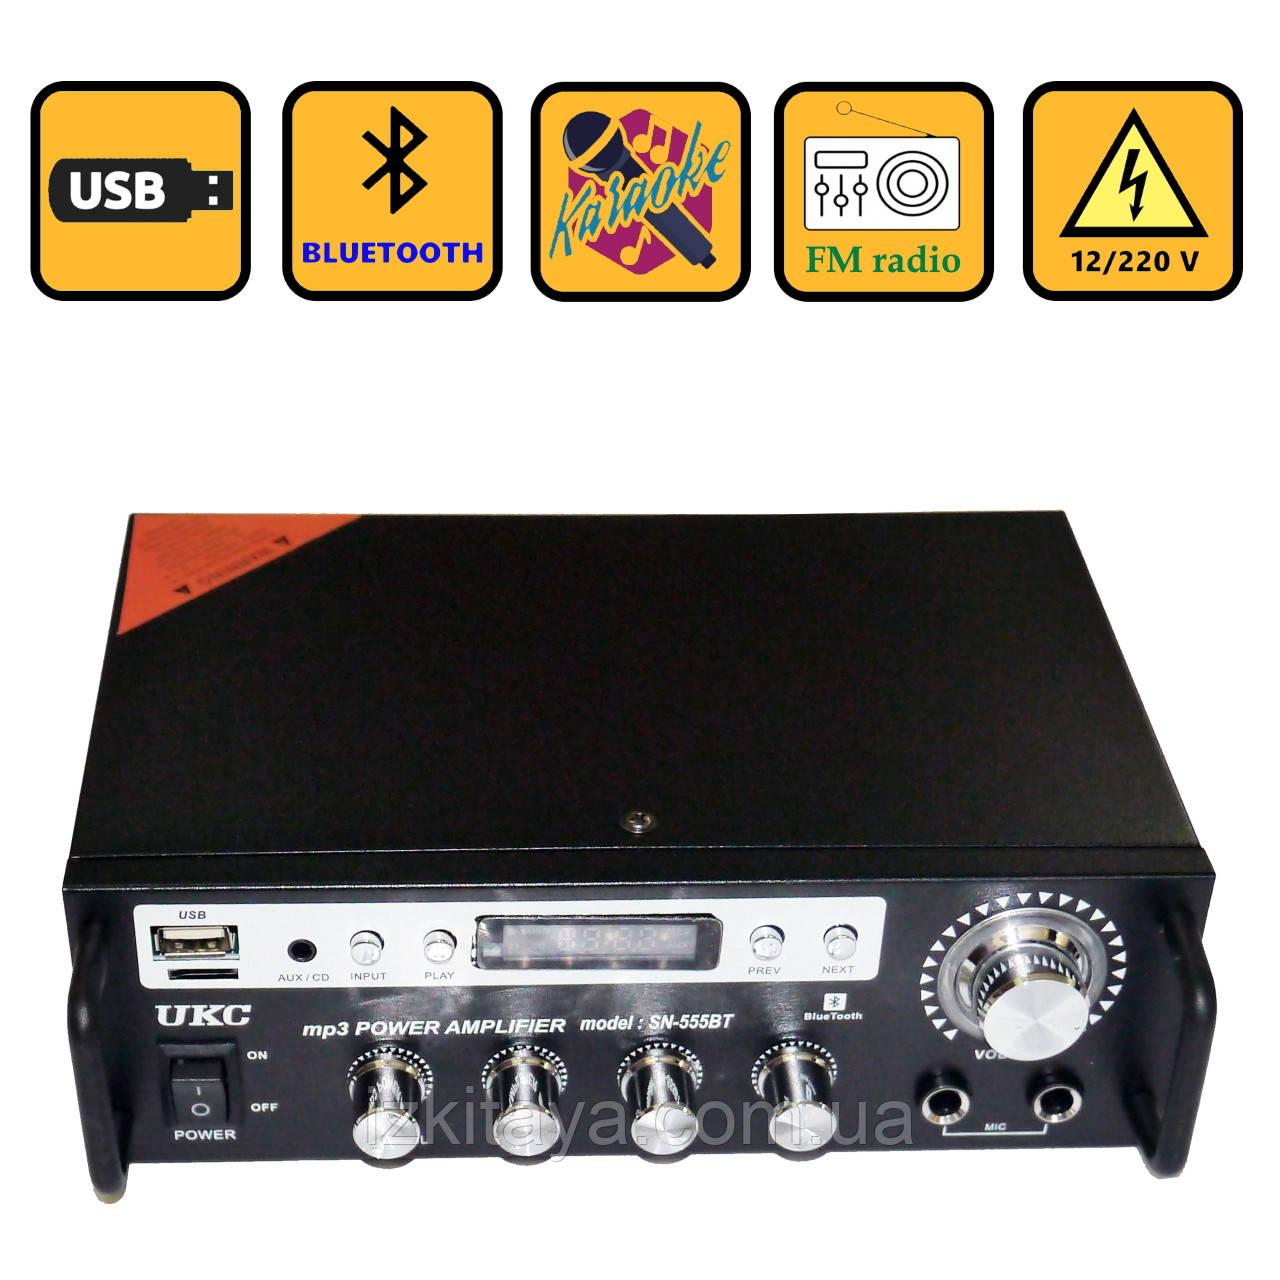 Підсилювач звуку UKС SN-555BT Bluetooth USB, SD FM радіо MP3 (домашній стерео підсилювач звуку з караоке,